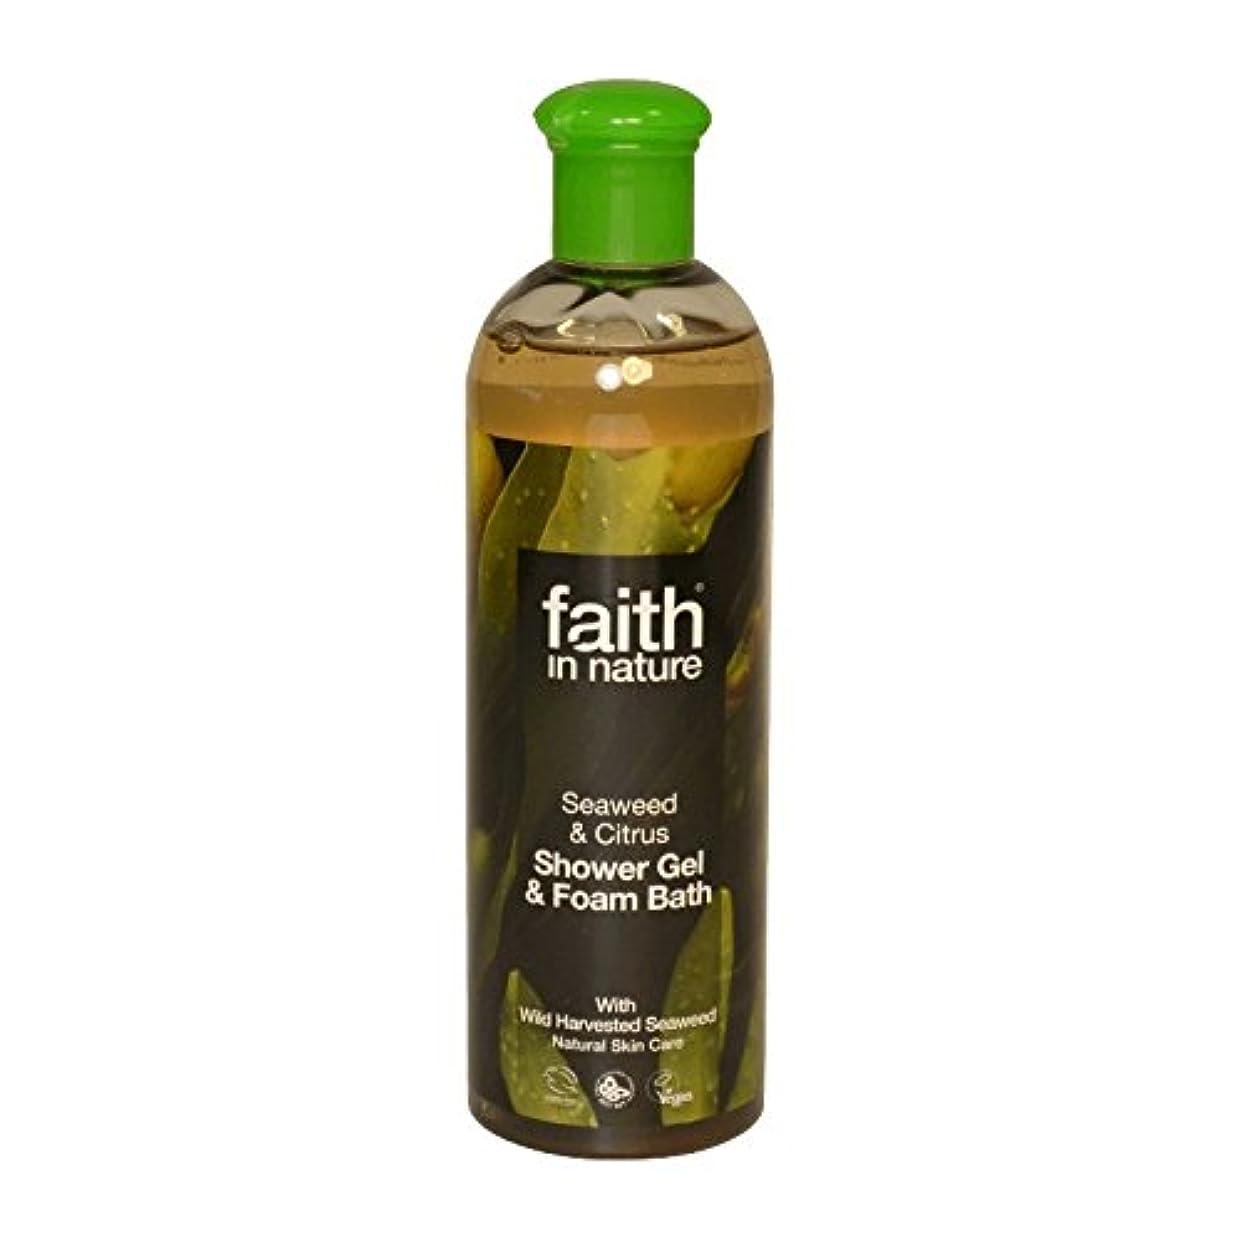 限りなくキャンディービジターFaith in Nature Seaweed & Citrus Shower Gel & Bath Foam 400ml (Pack of 2) - 自然の海藻&シトラスシャワージェル&バス泡400ミリリットルの信仰...